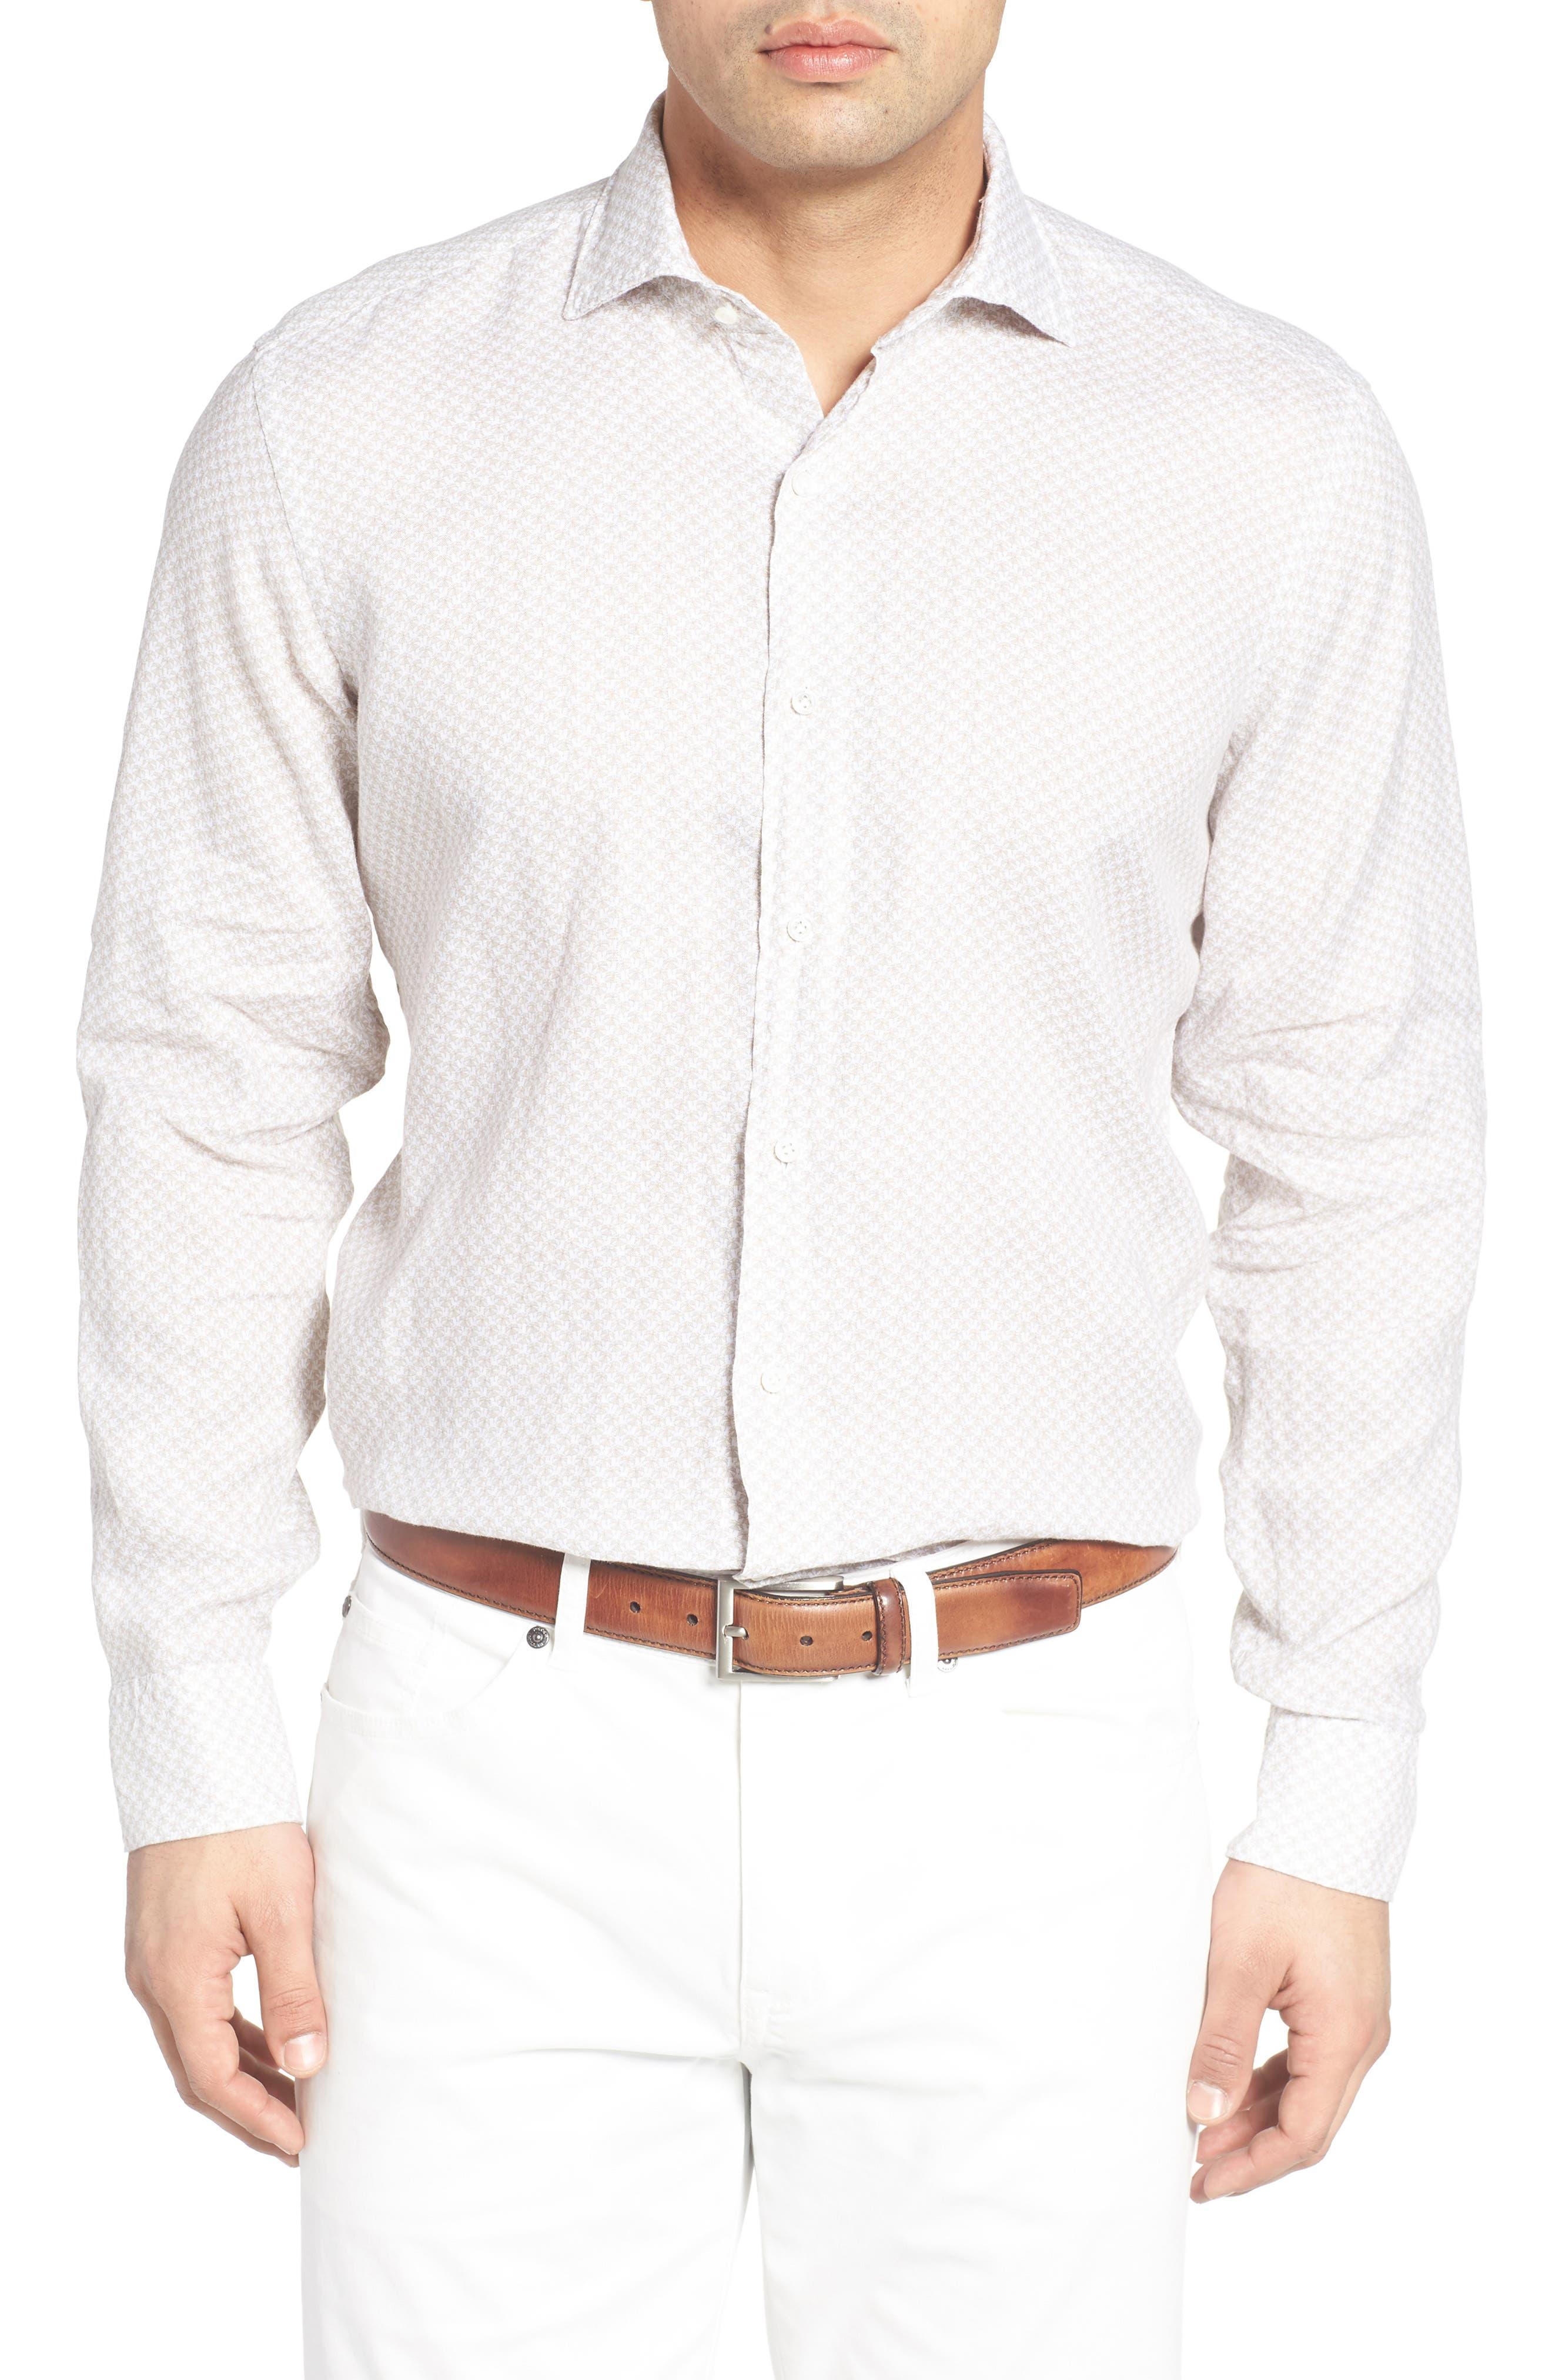 Peter Millar Saline Beach Print Linen Sport Shirt